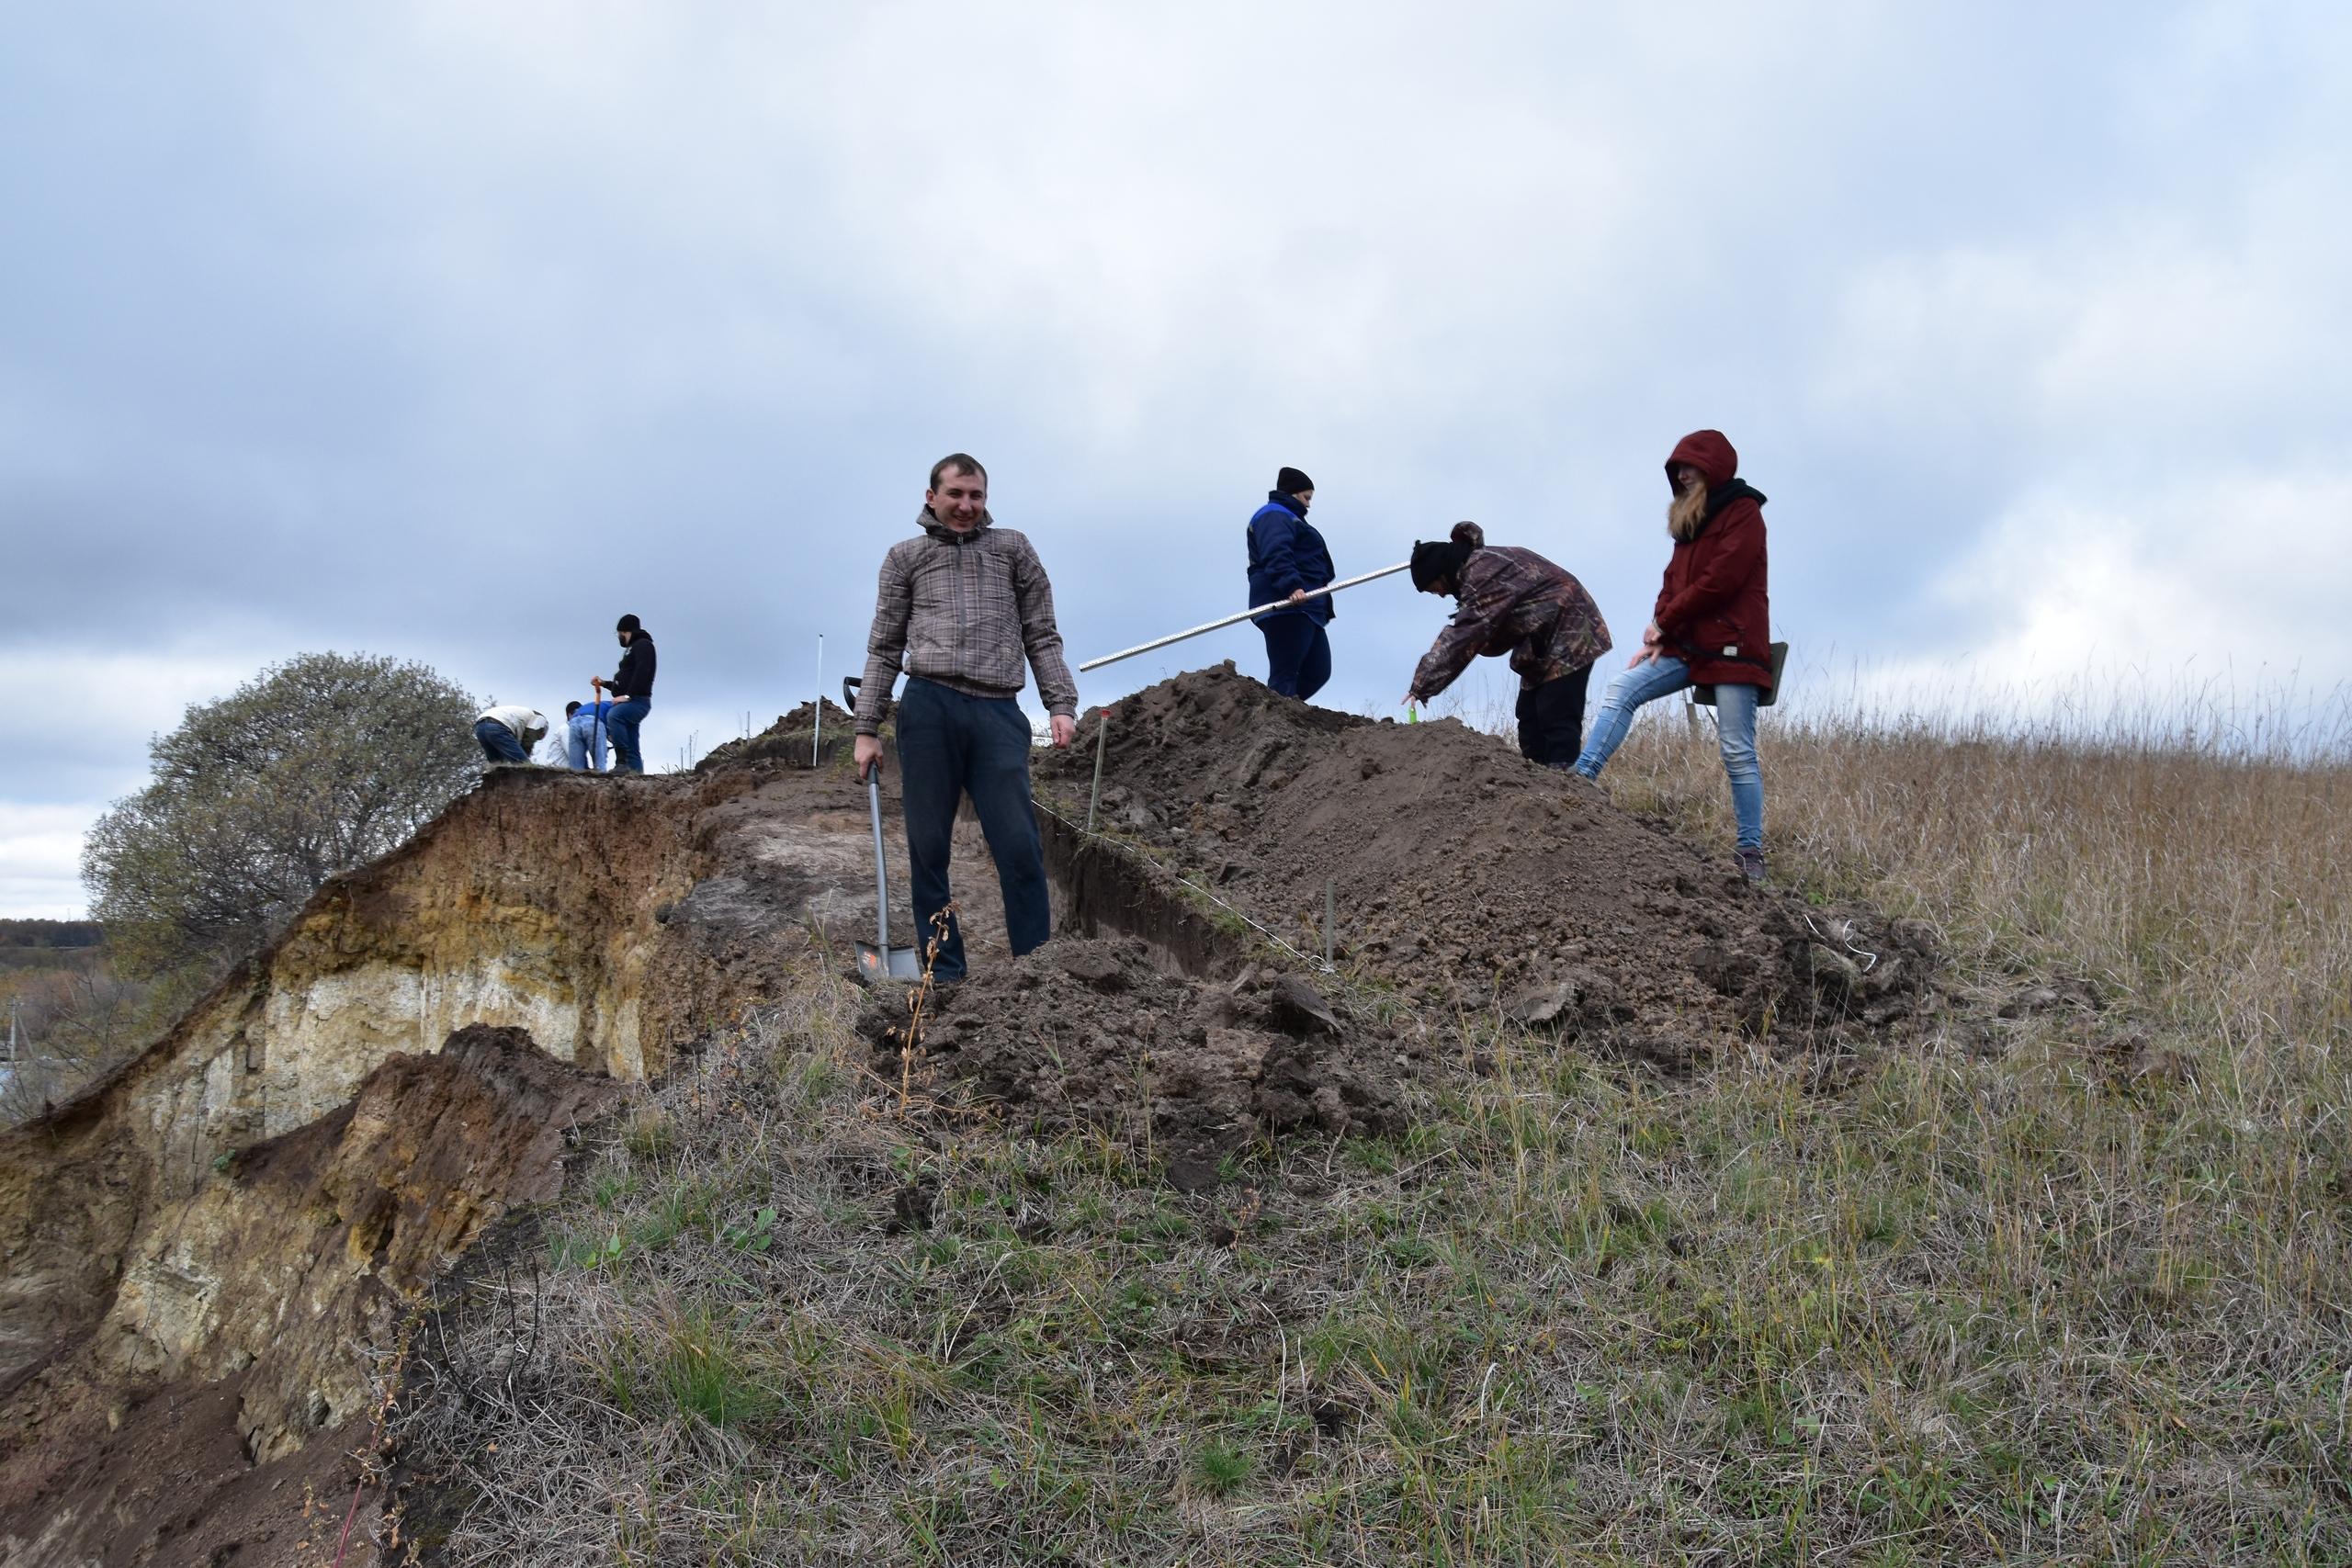 В Липецкой области спасли памятник археологии  — Изображение 1